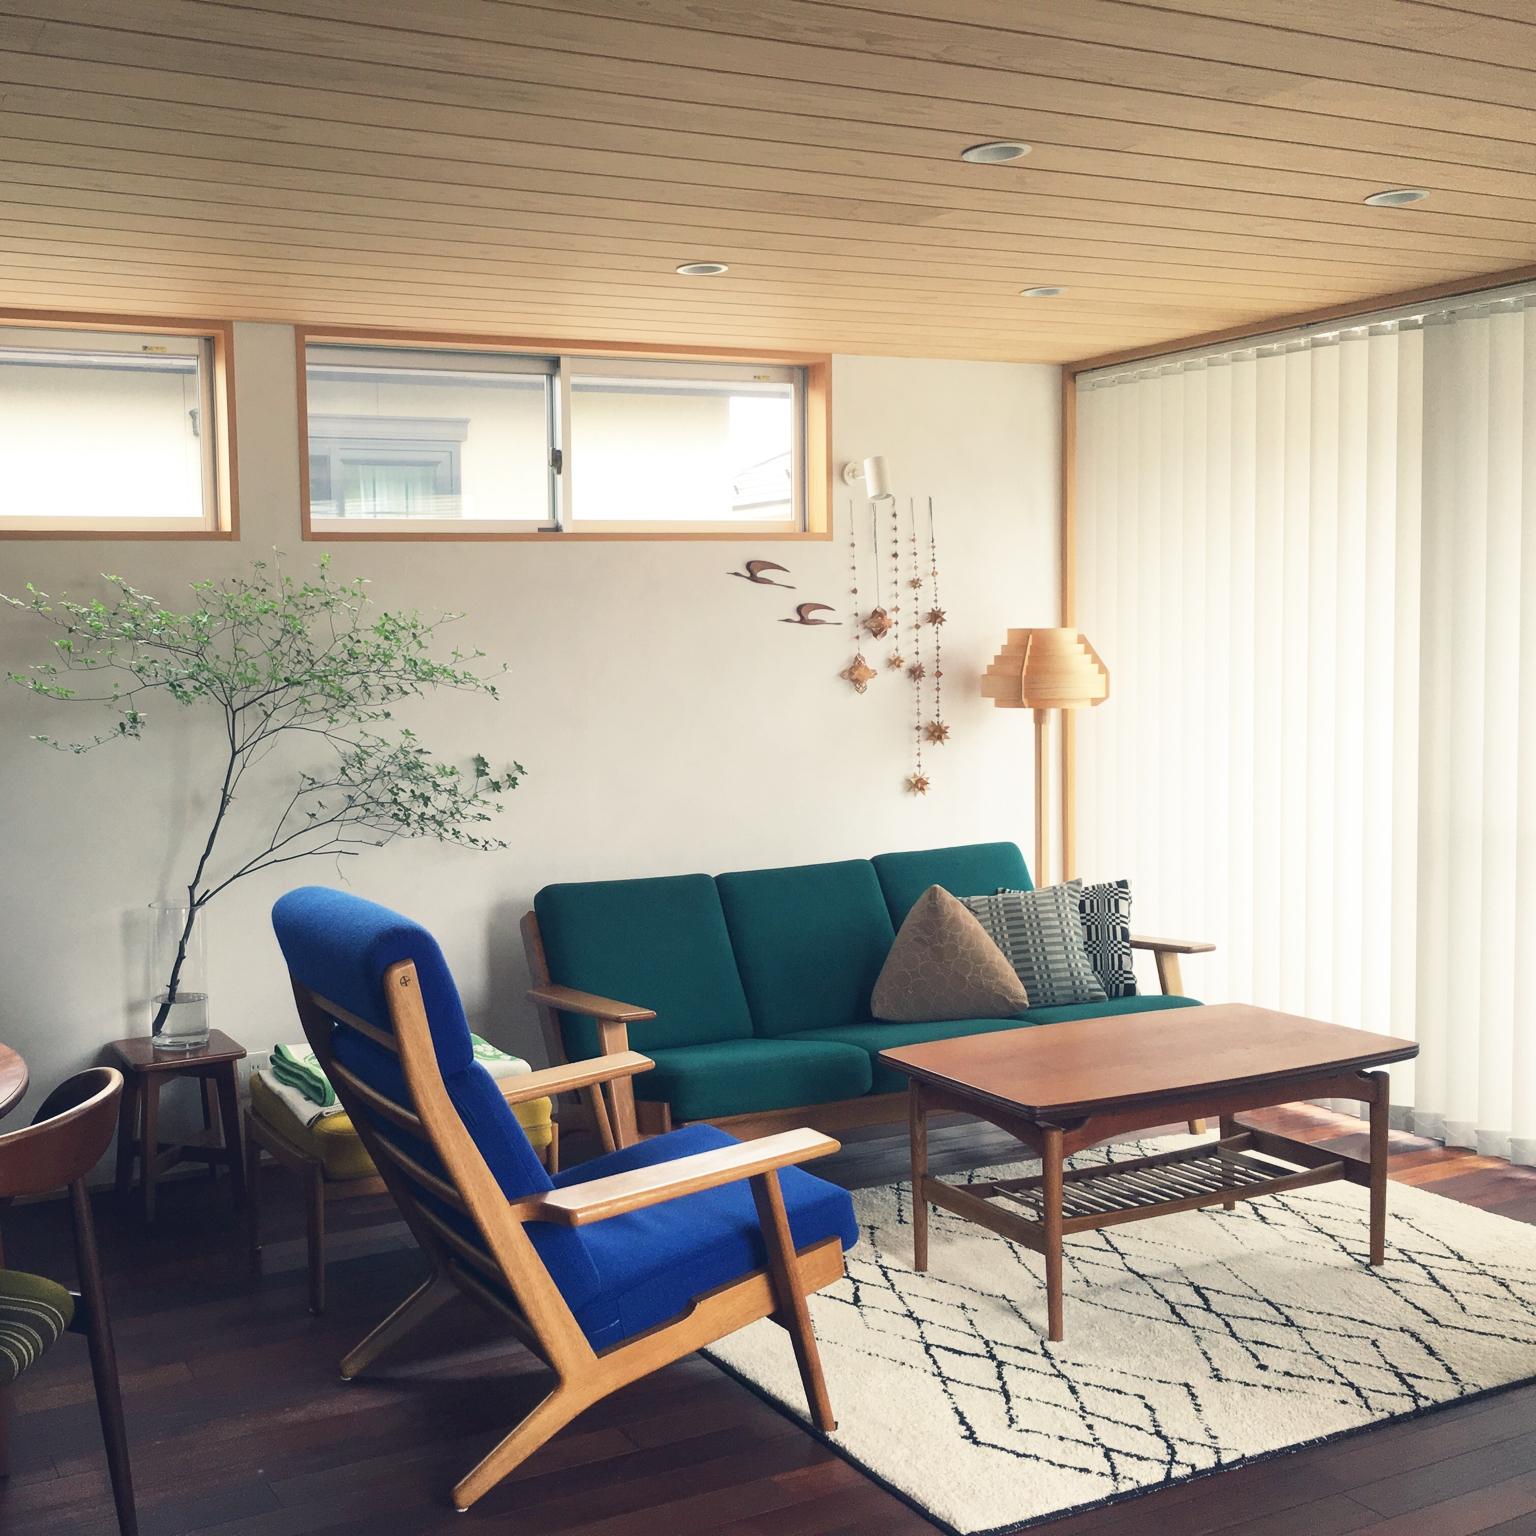 なんだかホッと落ち着ける♡ヴィンテージスタイルの作り方 | RoomClip mag | 暮らしとインテリアのwebマガジン